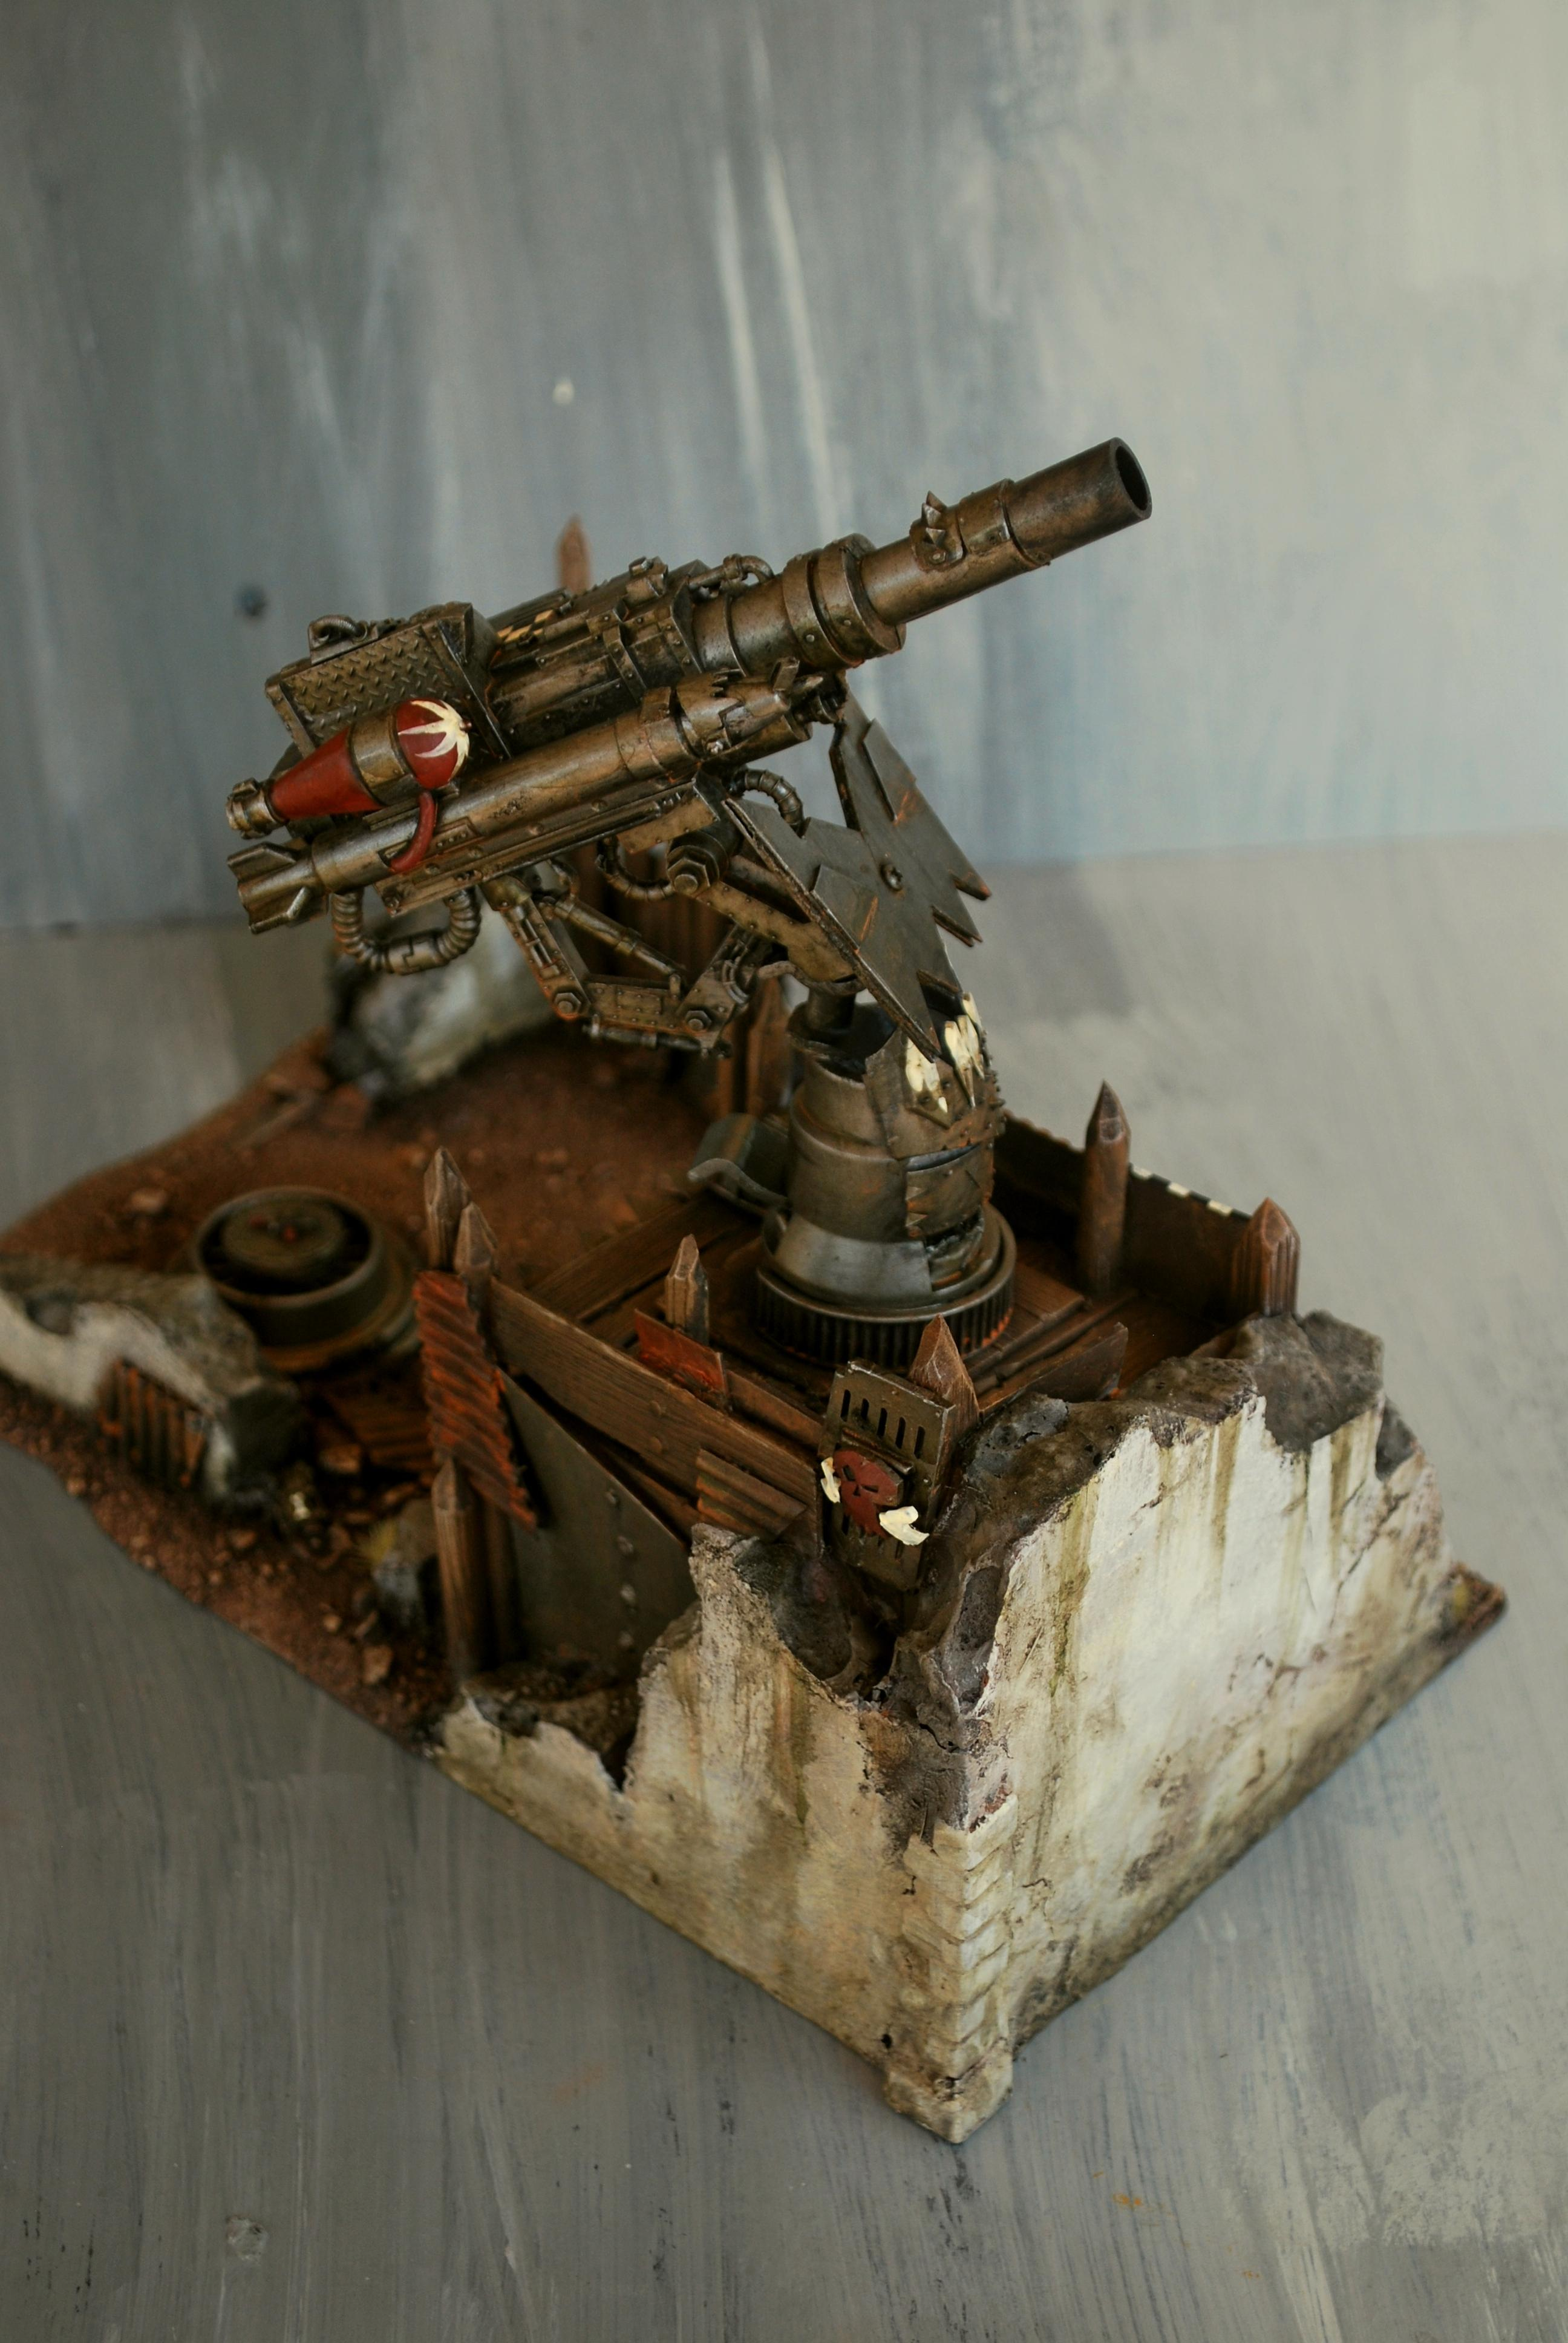 Aa-gun, Dakka Dakka, Gun, Orks, Scratch Build, Terrain, Terrainwalk3r, Terrainwalker, Warhammer 40,000